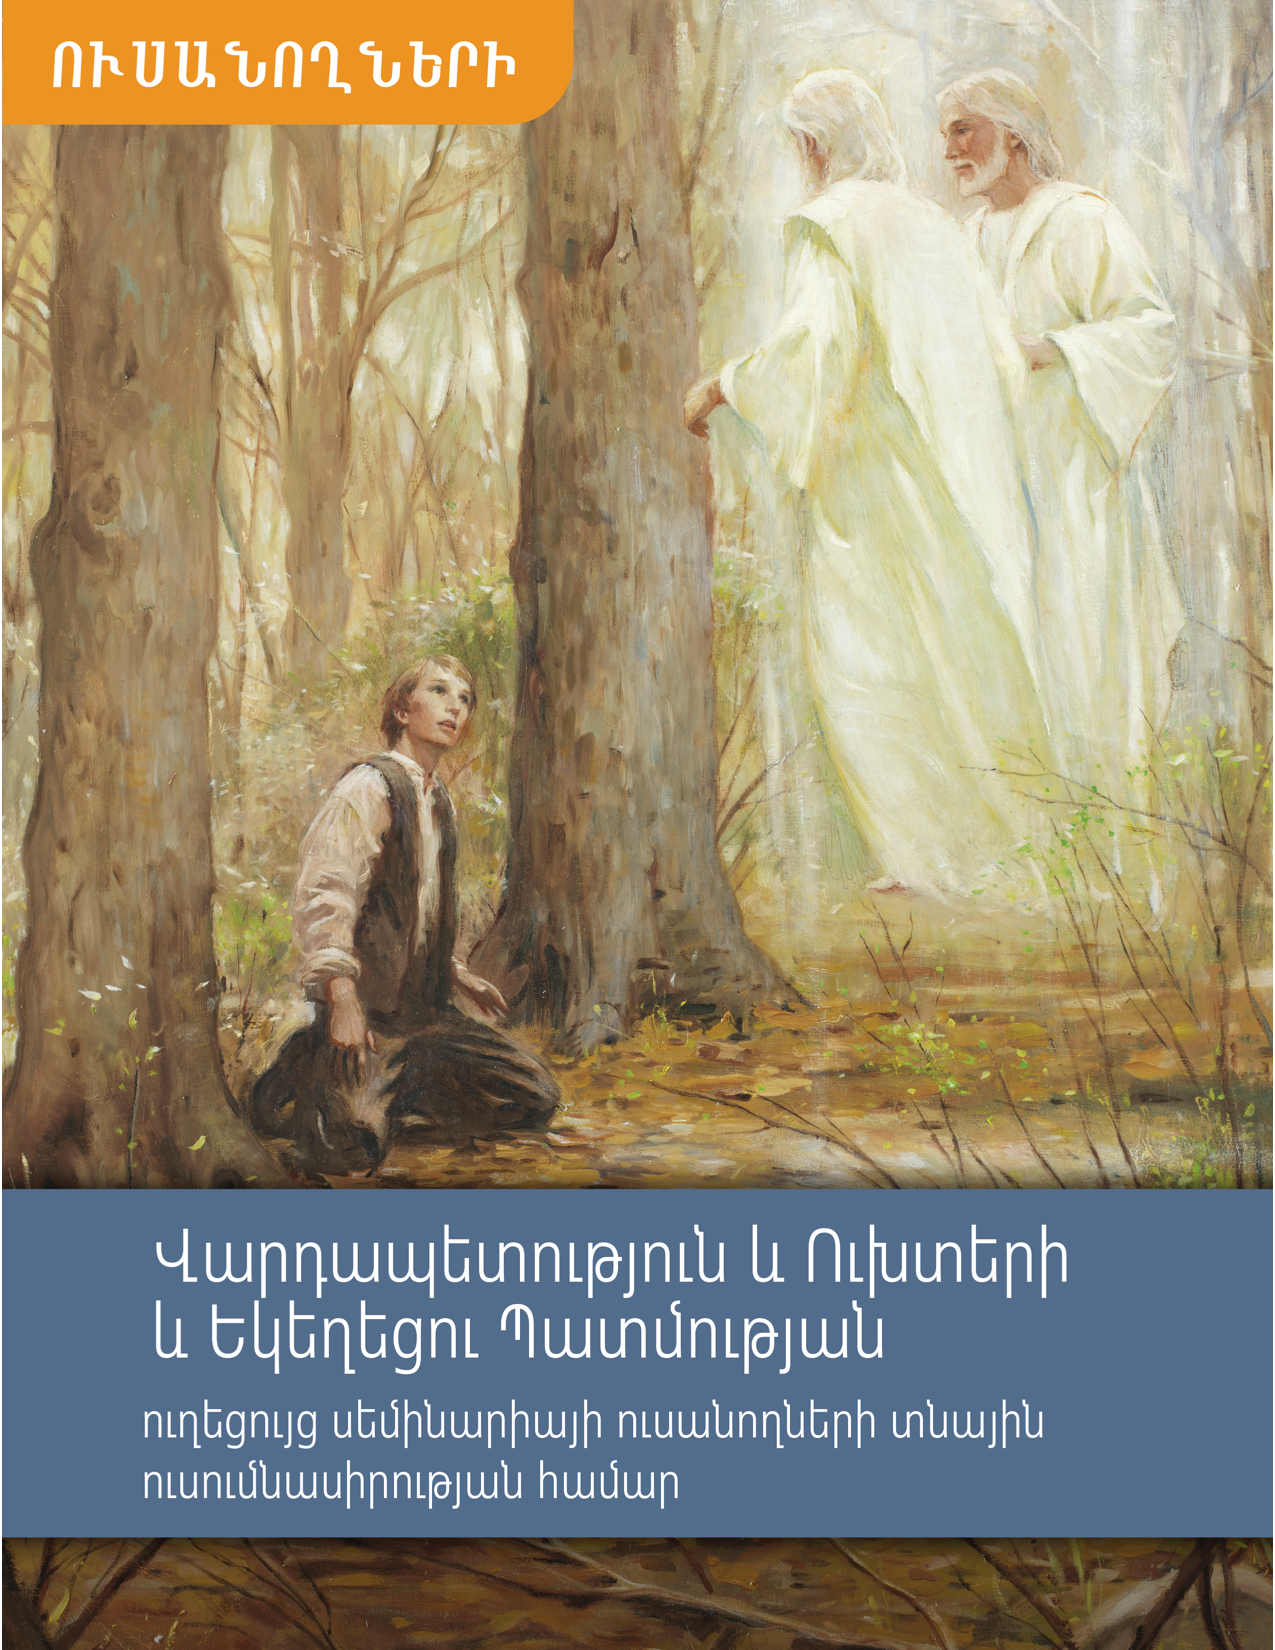 Վարդապետություն և Ուխտերի և Եկեղեցու Պատմության ուղեցույց սեմինարիայի ուսանողների տնային ուսումնասիրության համար